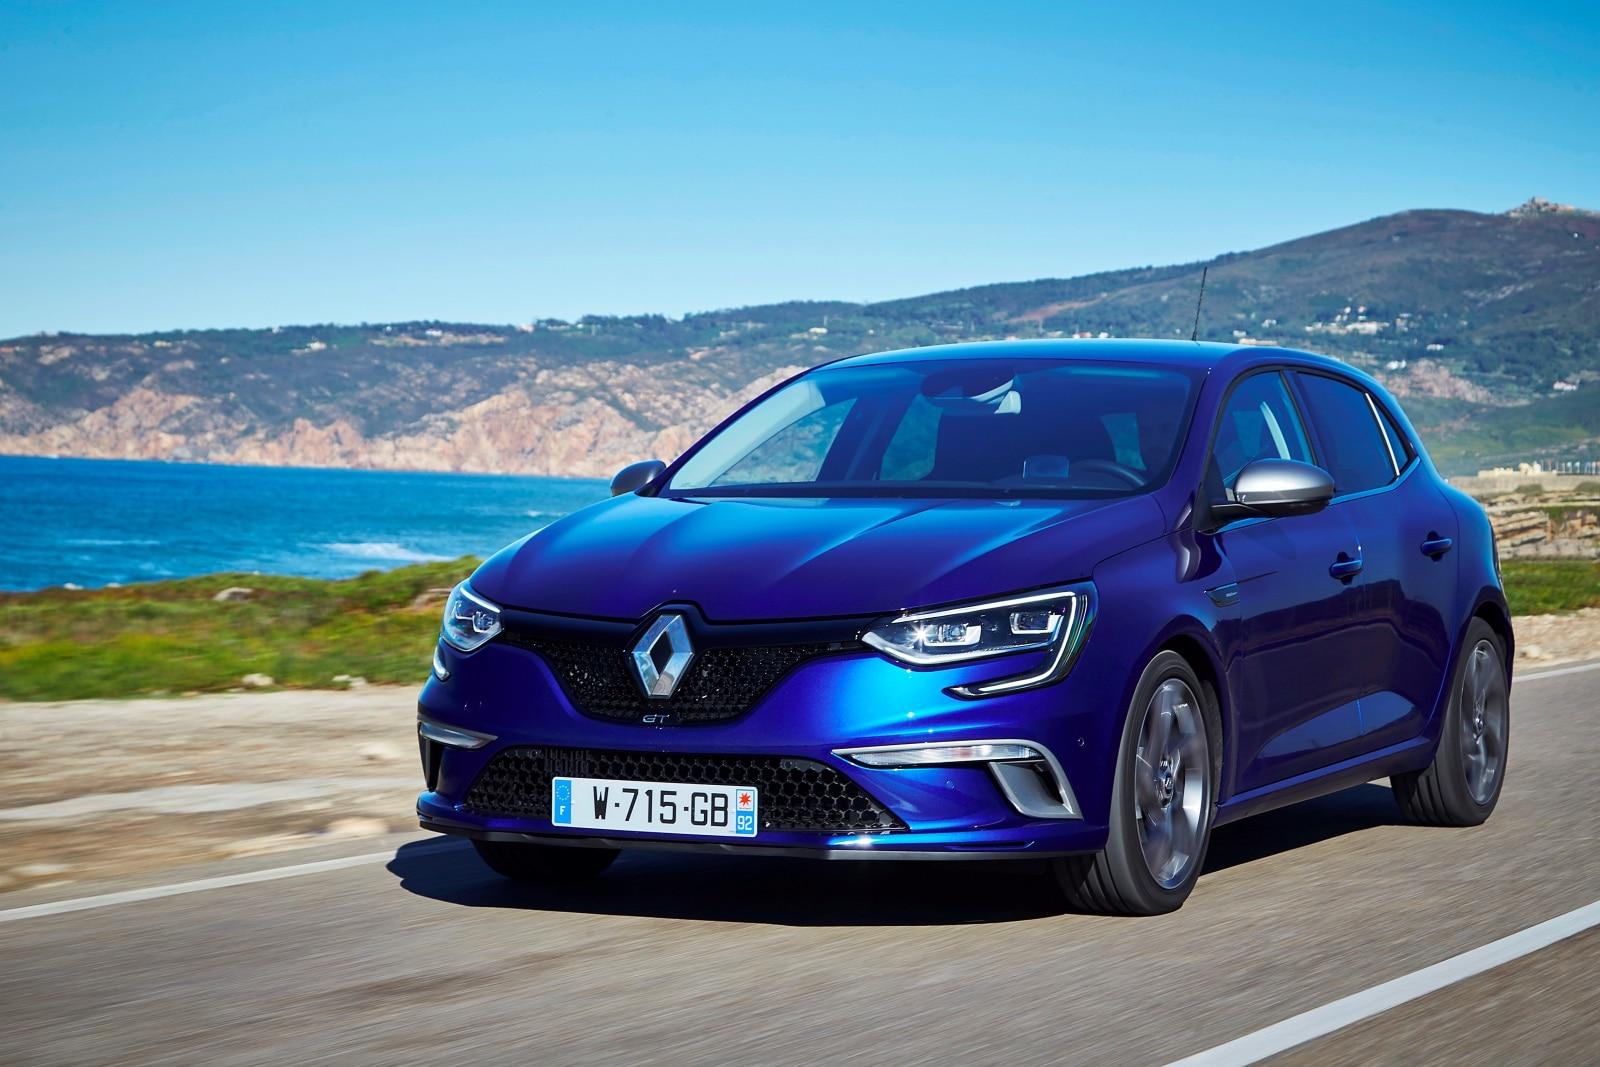 Marché auto : Renault, la Clio et le gazole débutent mal l'année